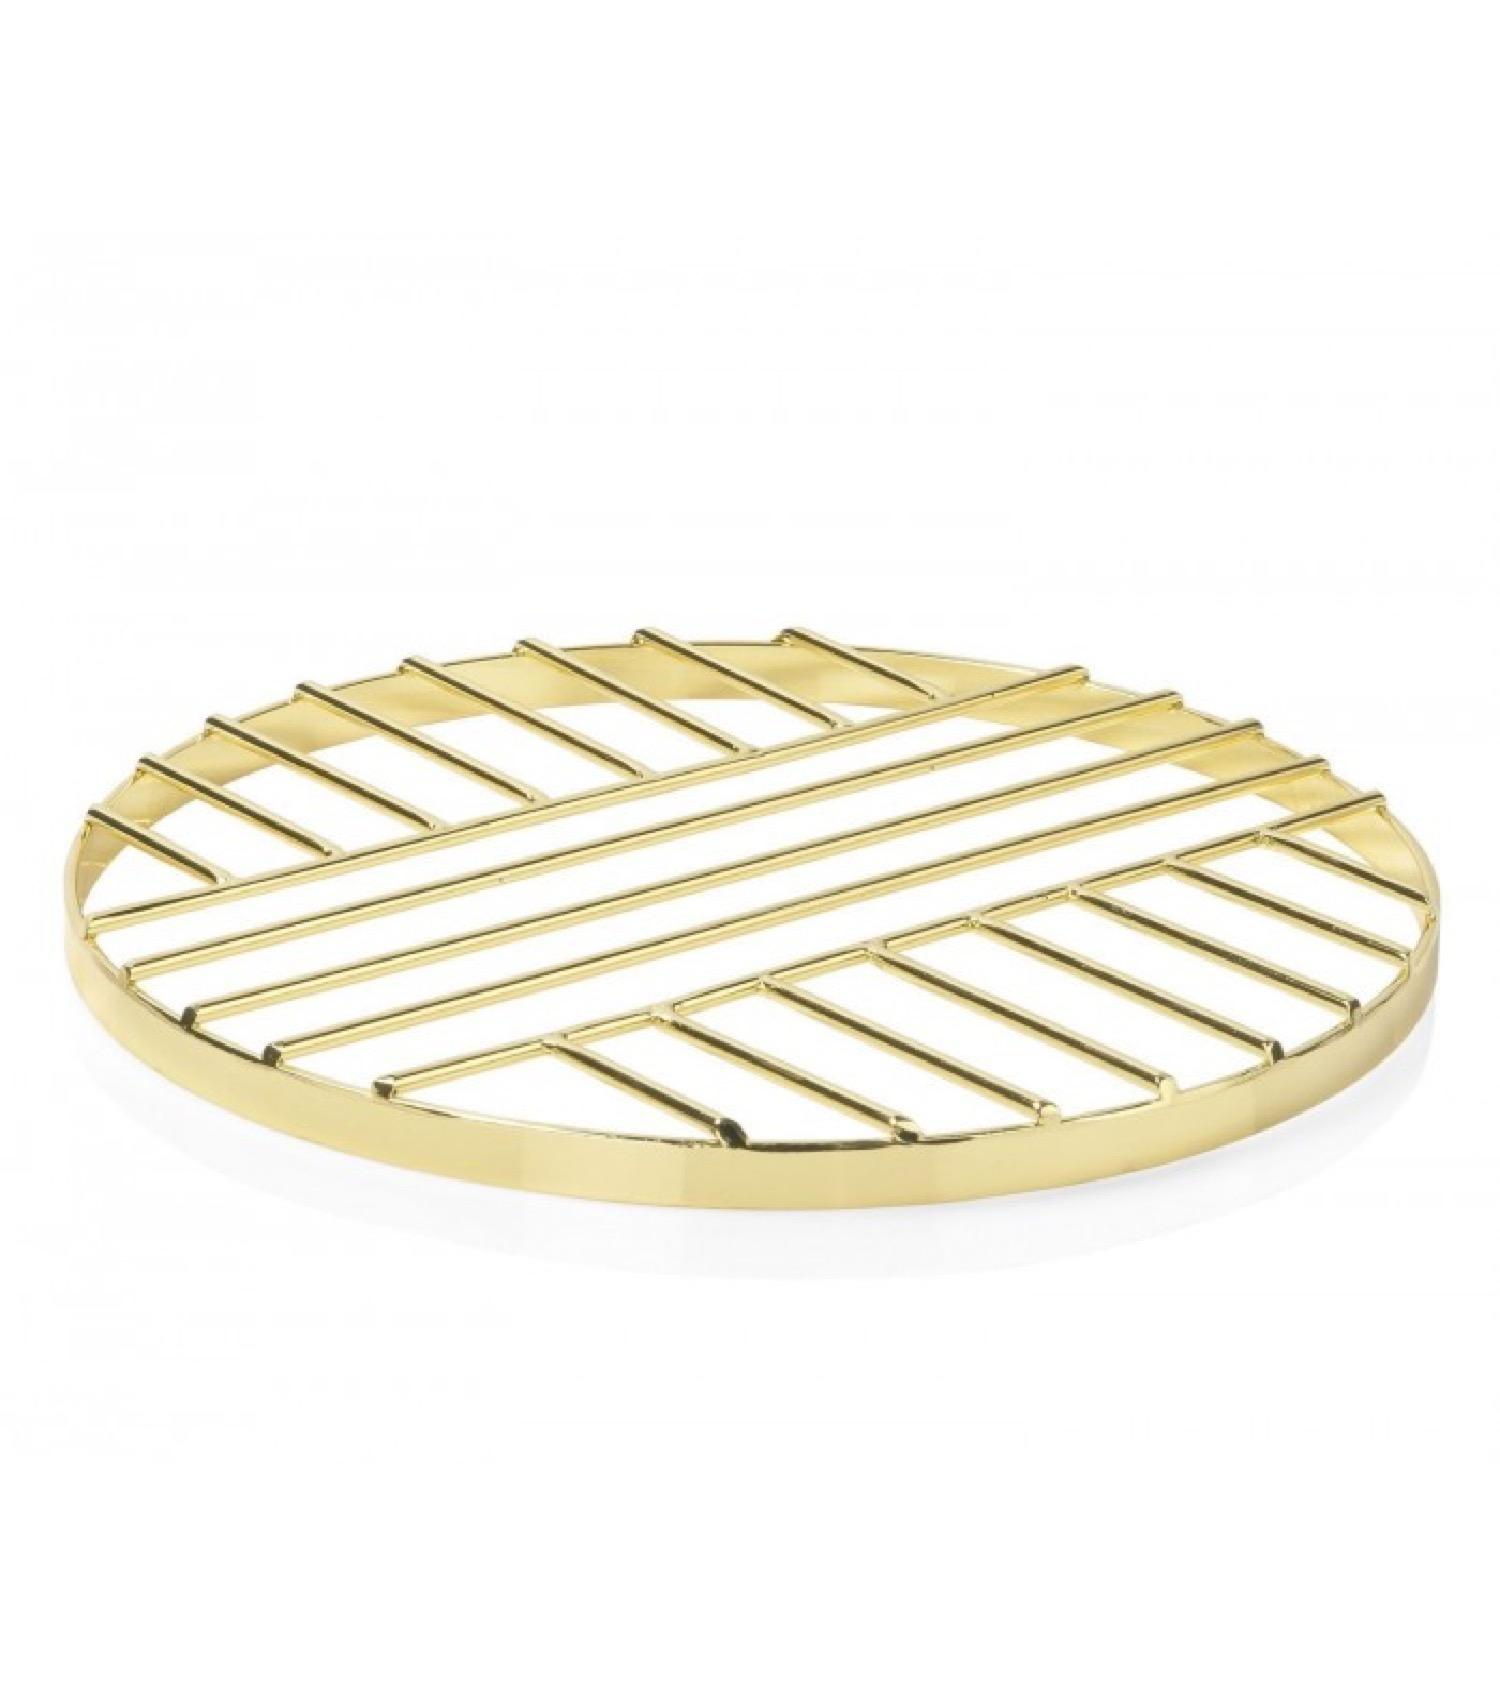 Dessous de plat en métal doré D20cm